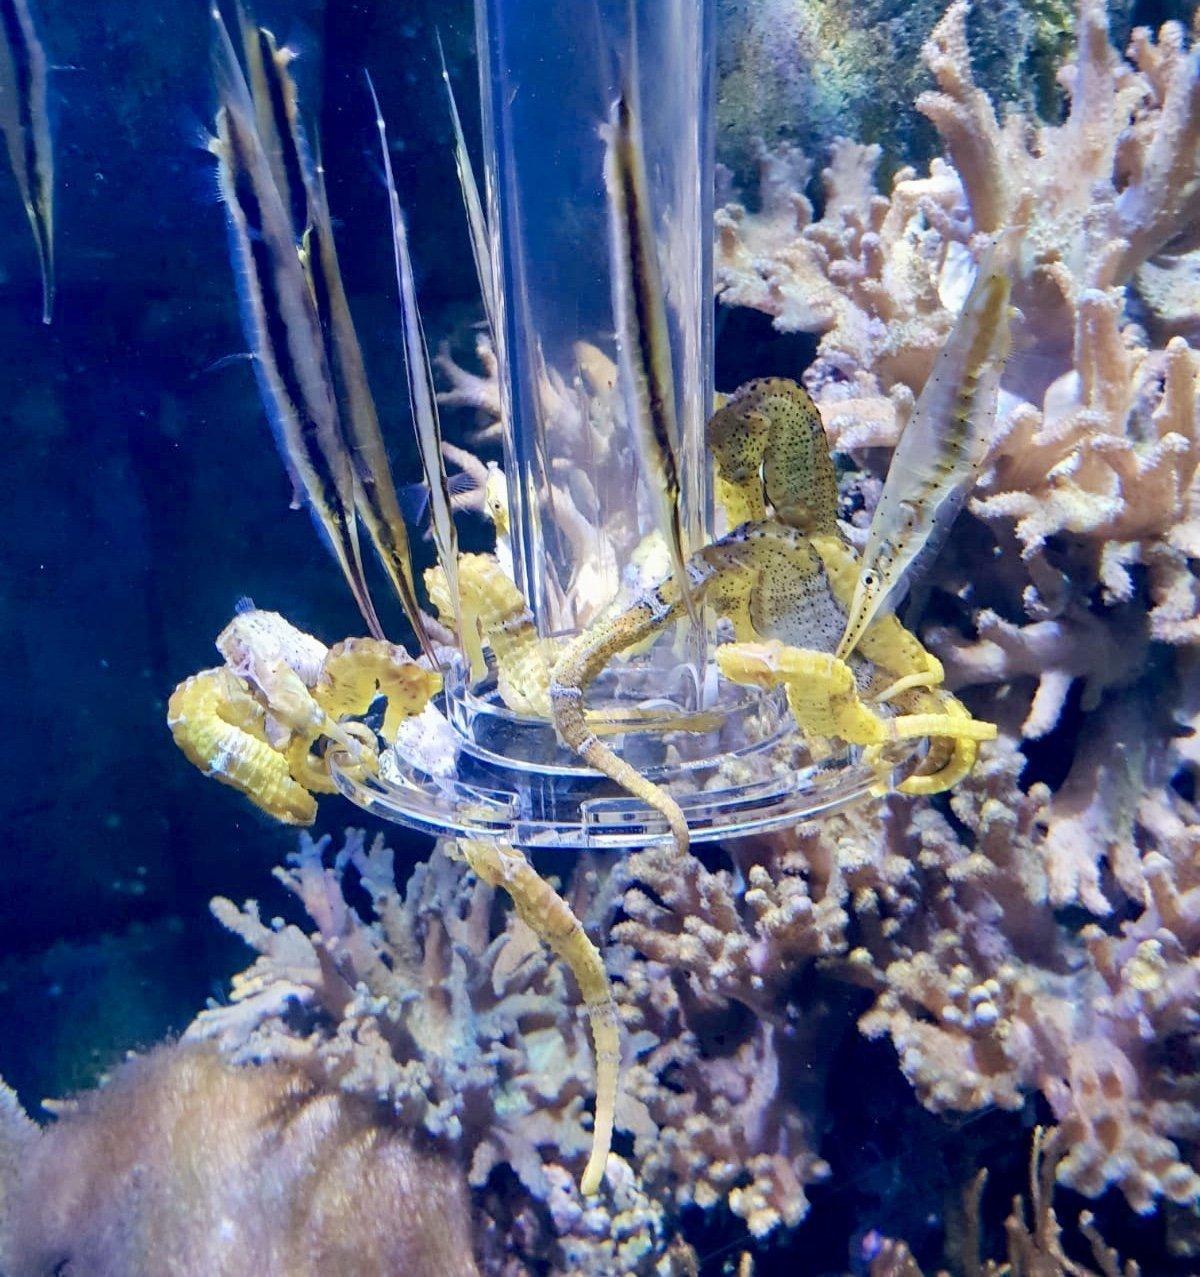 Day Out at SEA LIFE London Aquarium